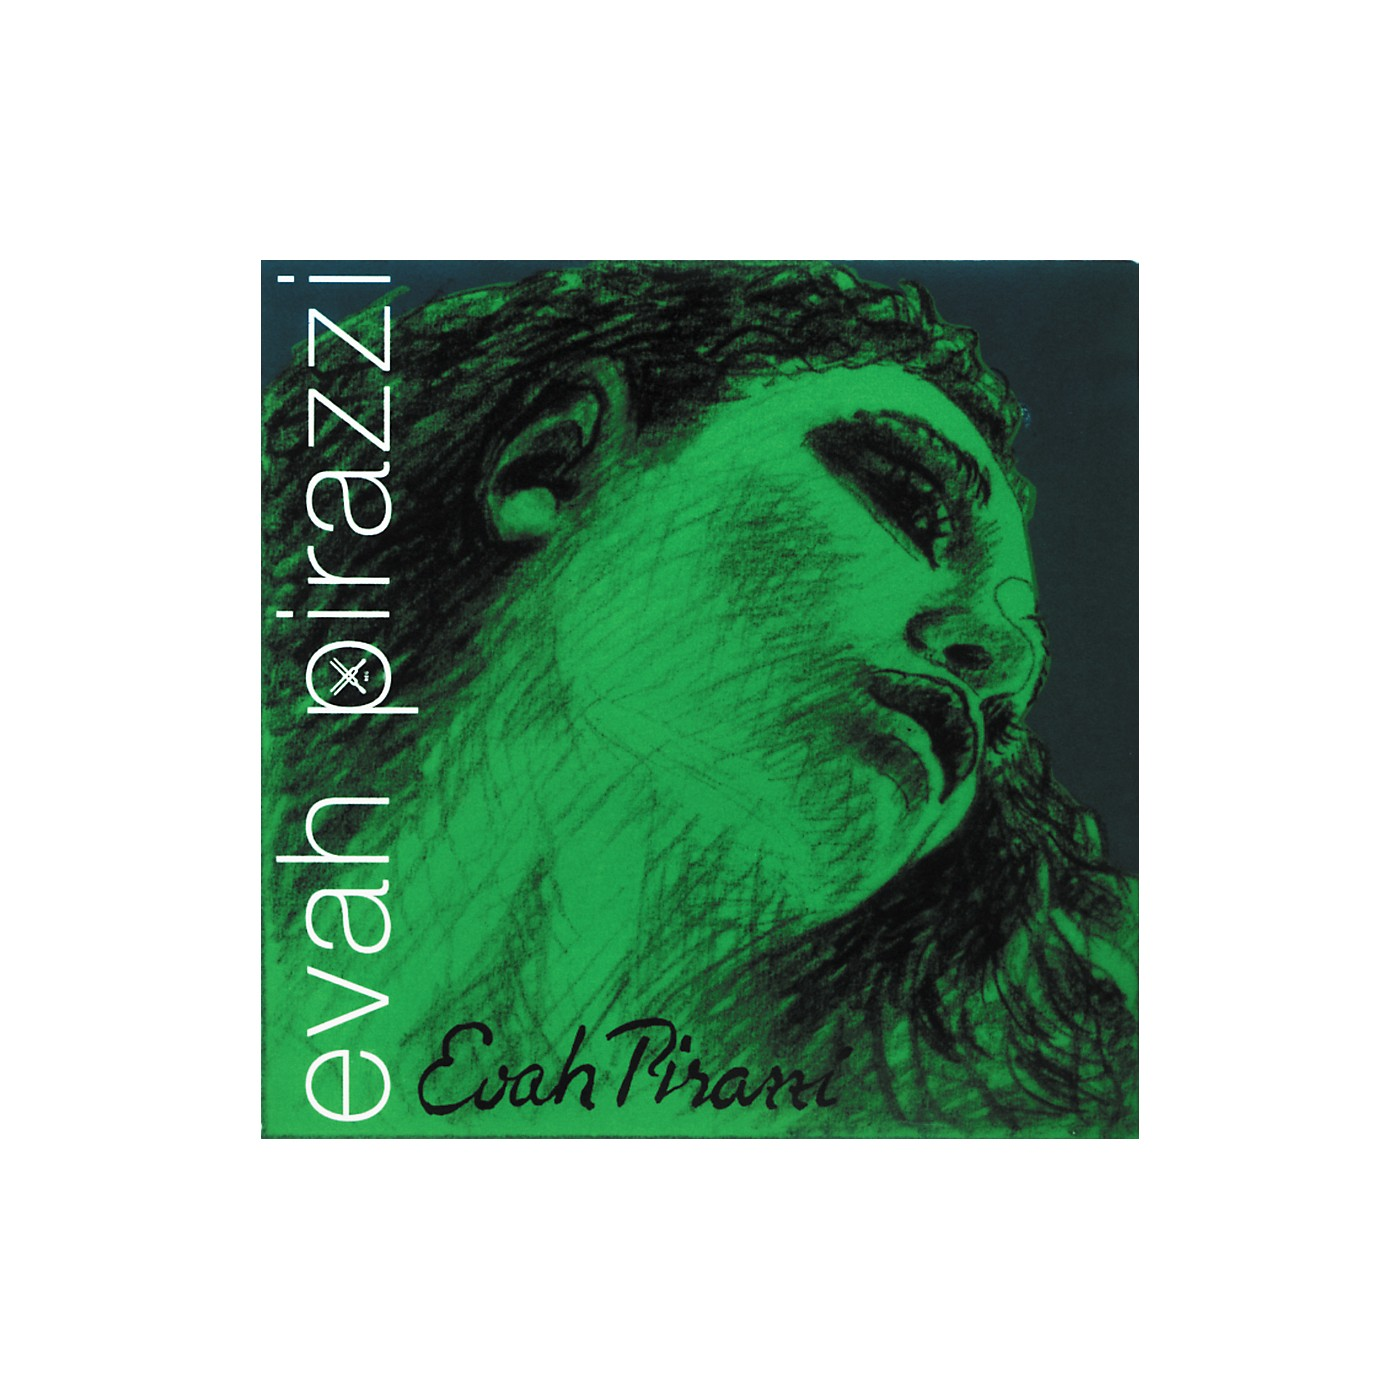 Pirastro Evah Pirazzi Series Cello G String thumbnail